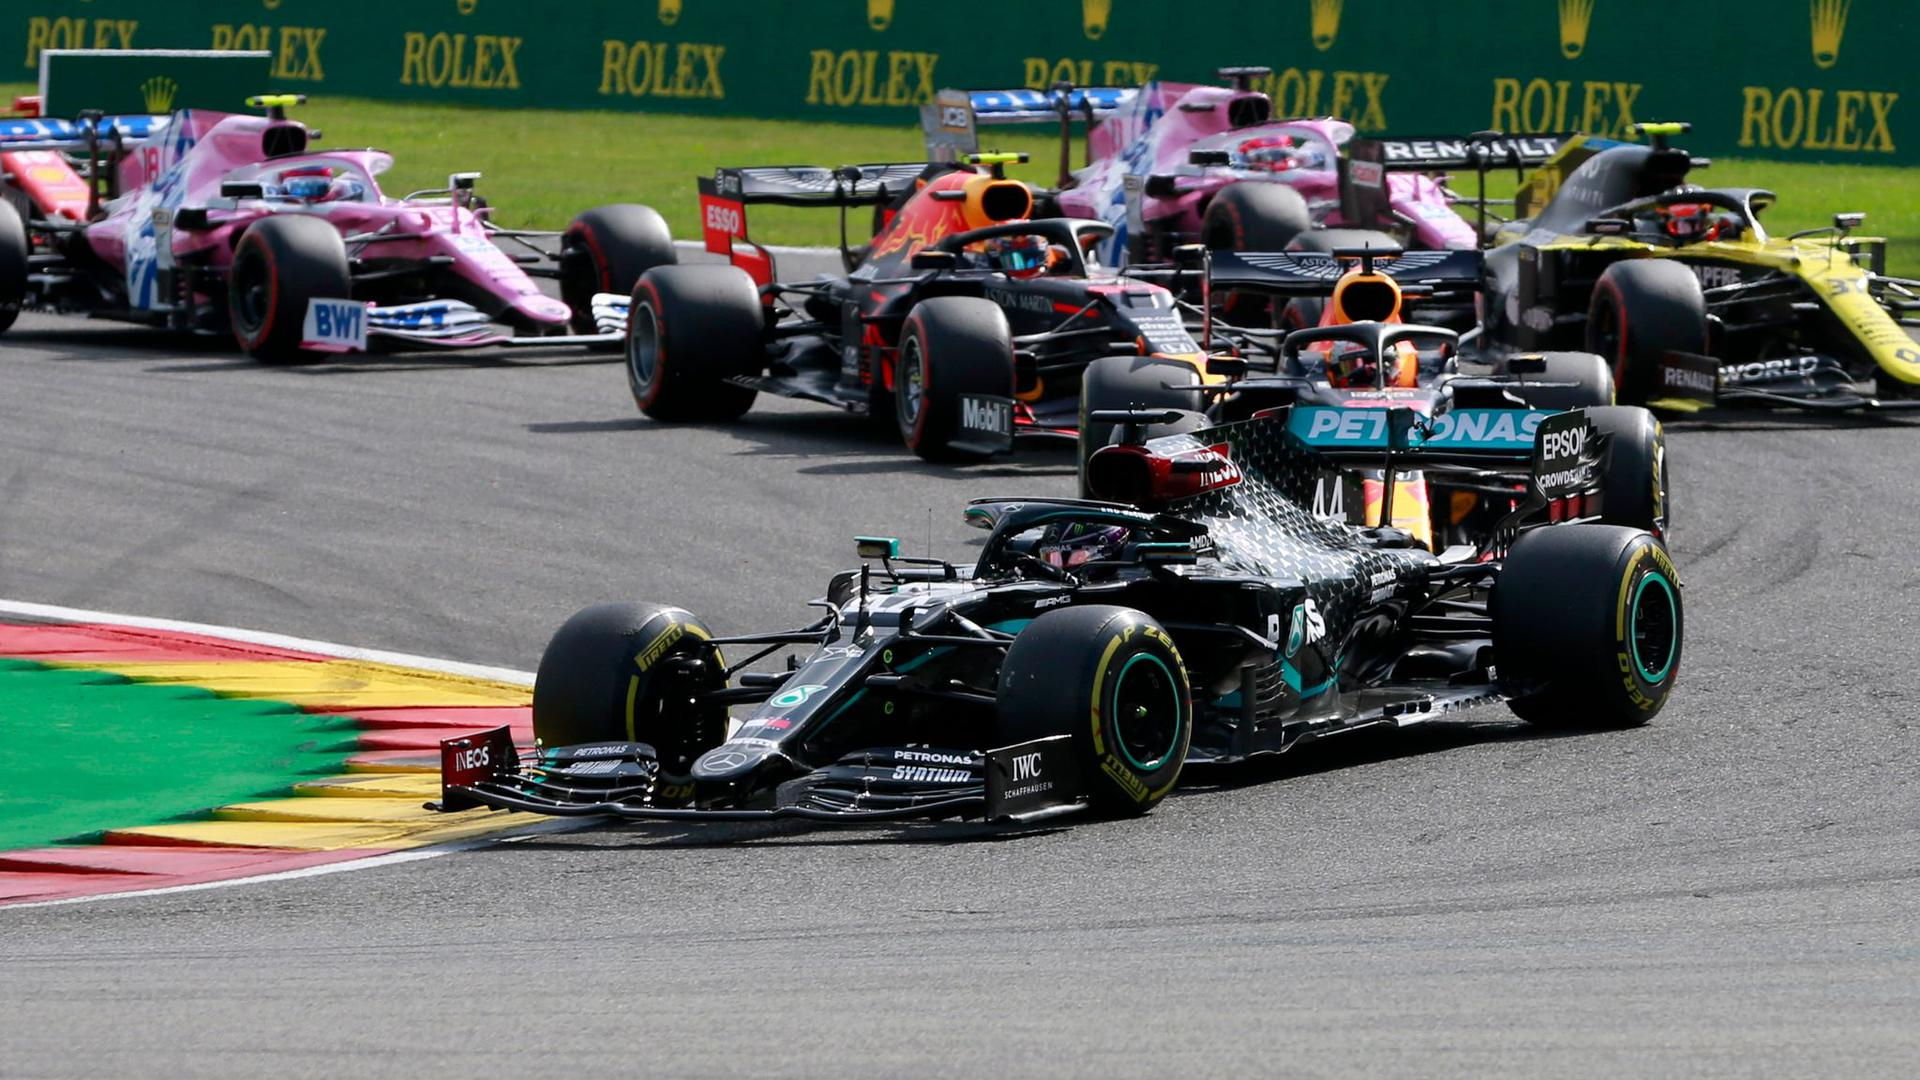 Lewis Hamilton (vorne) holte sich den 89. Grand-Prix-Erfolg seiner Karriere.